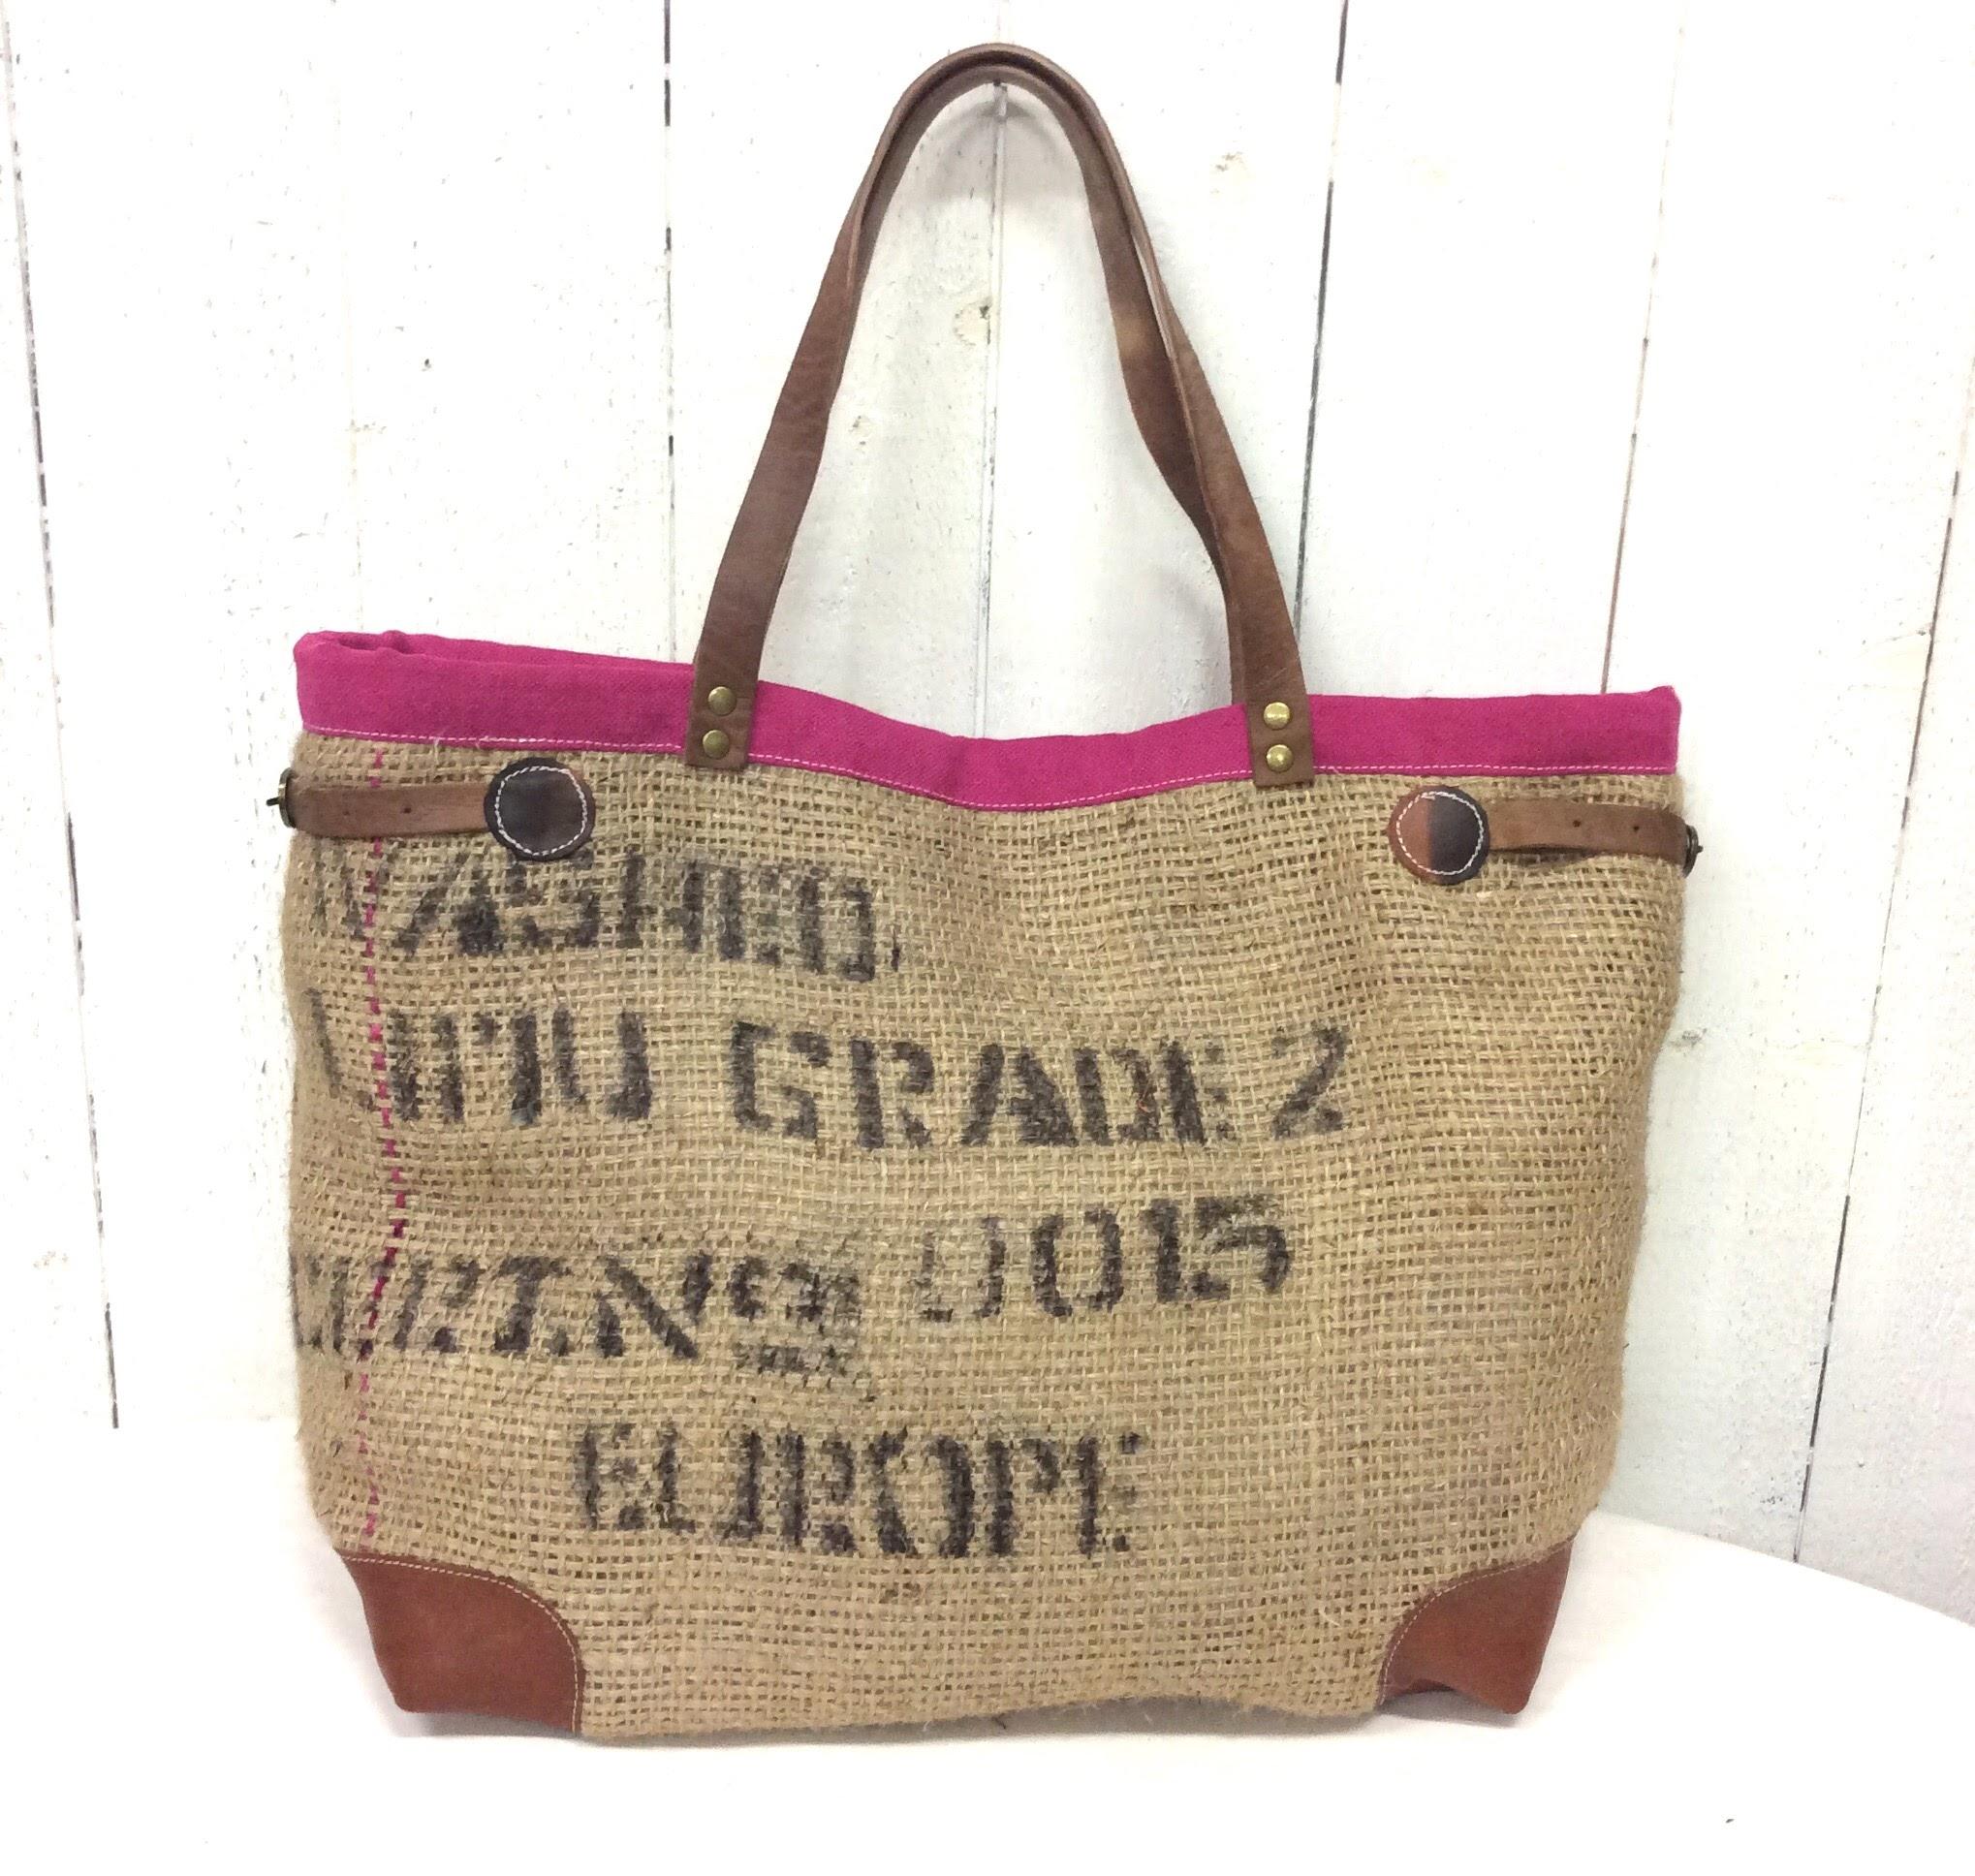 vente chaude en ligne ccbb1 61d22 Sac cabas toile de jute - sac de café - inscriptions roses